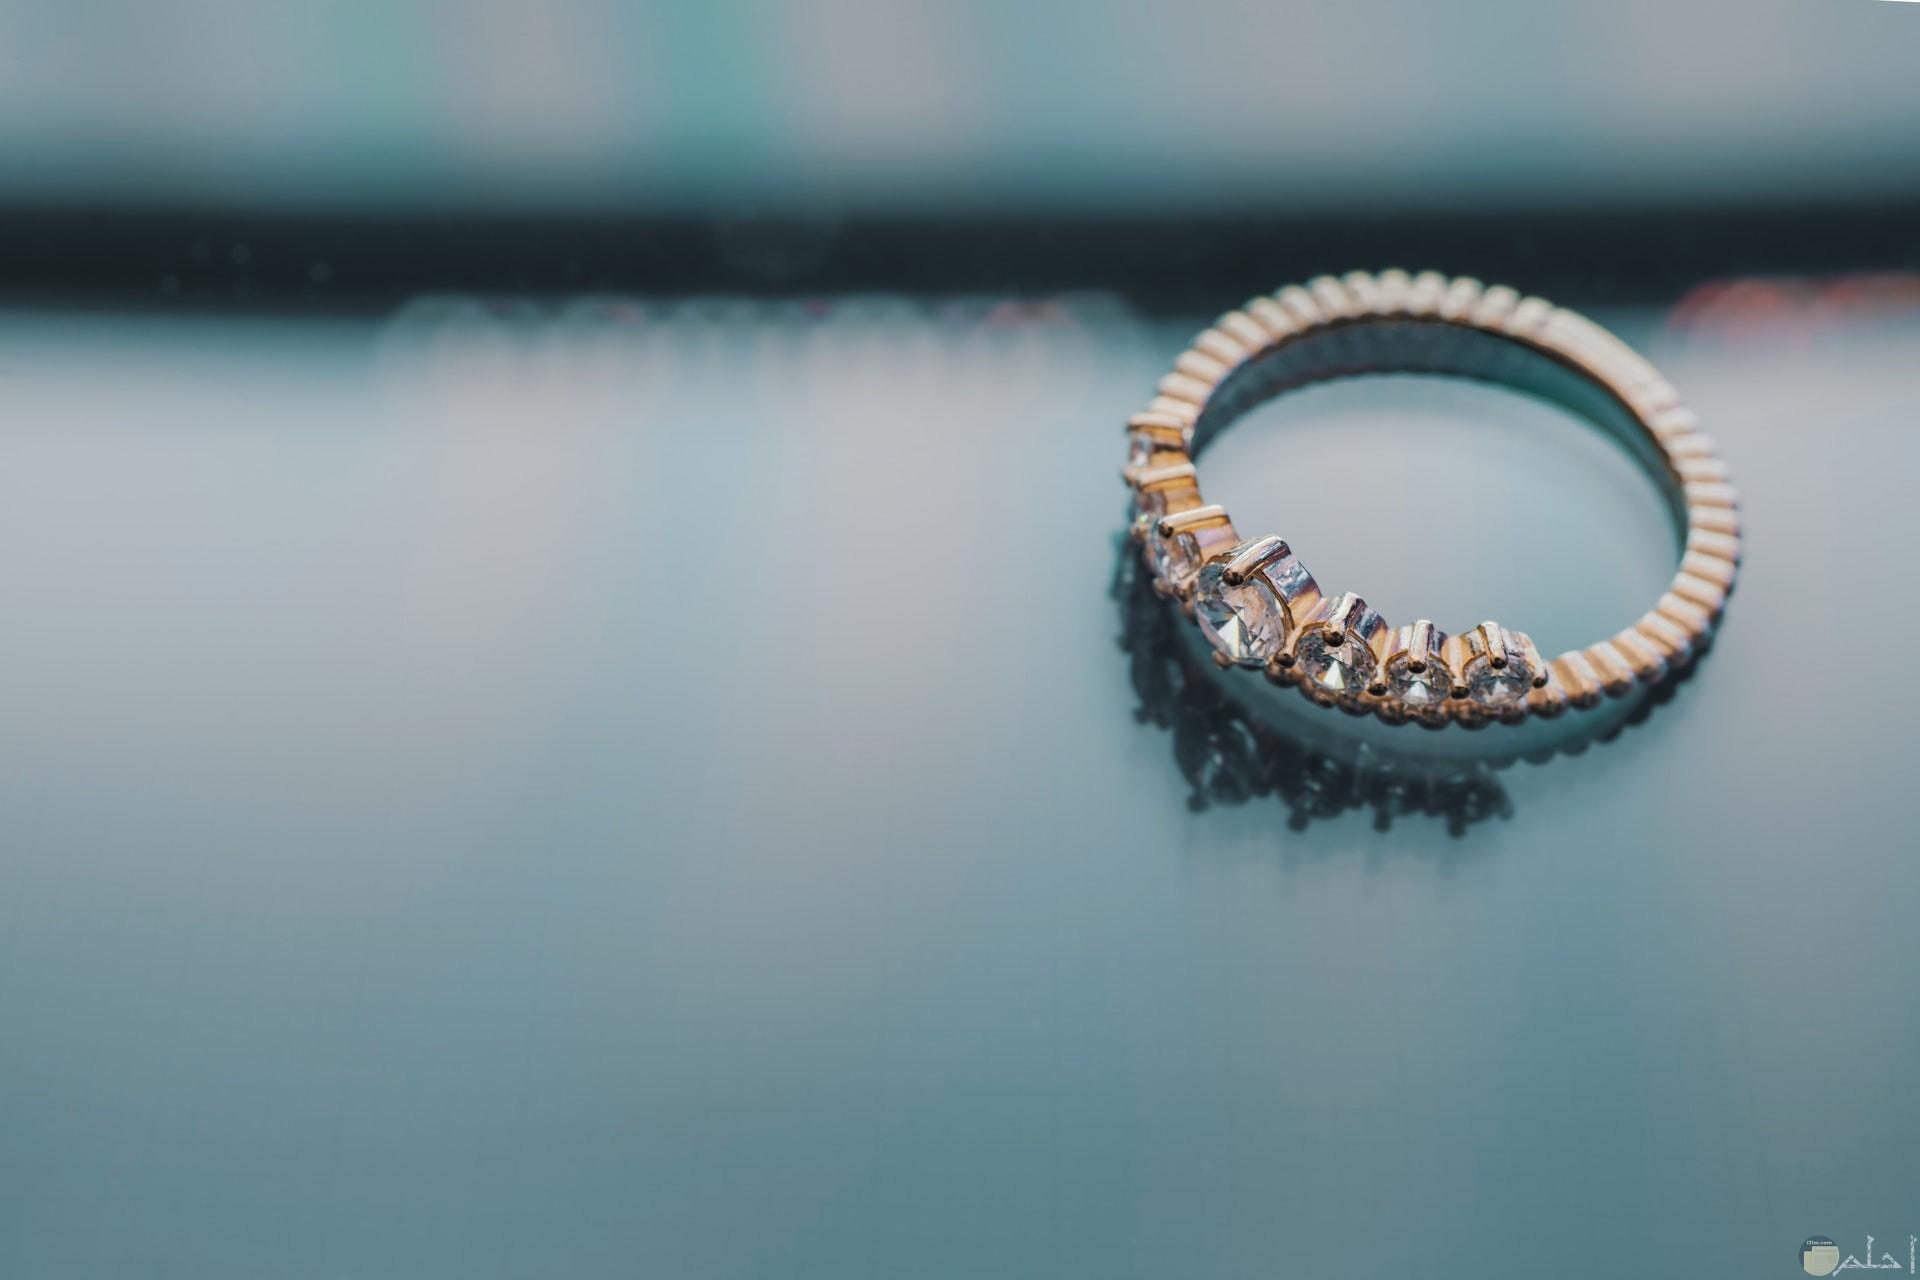 صورة خاتم جميل جدا وبشكل مميز وهادي للفتيات